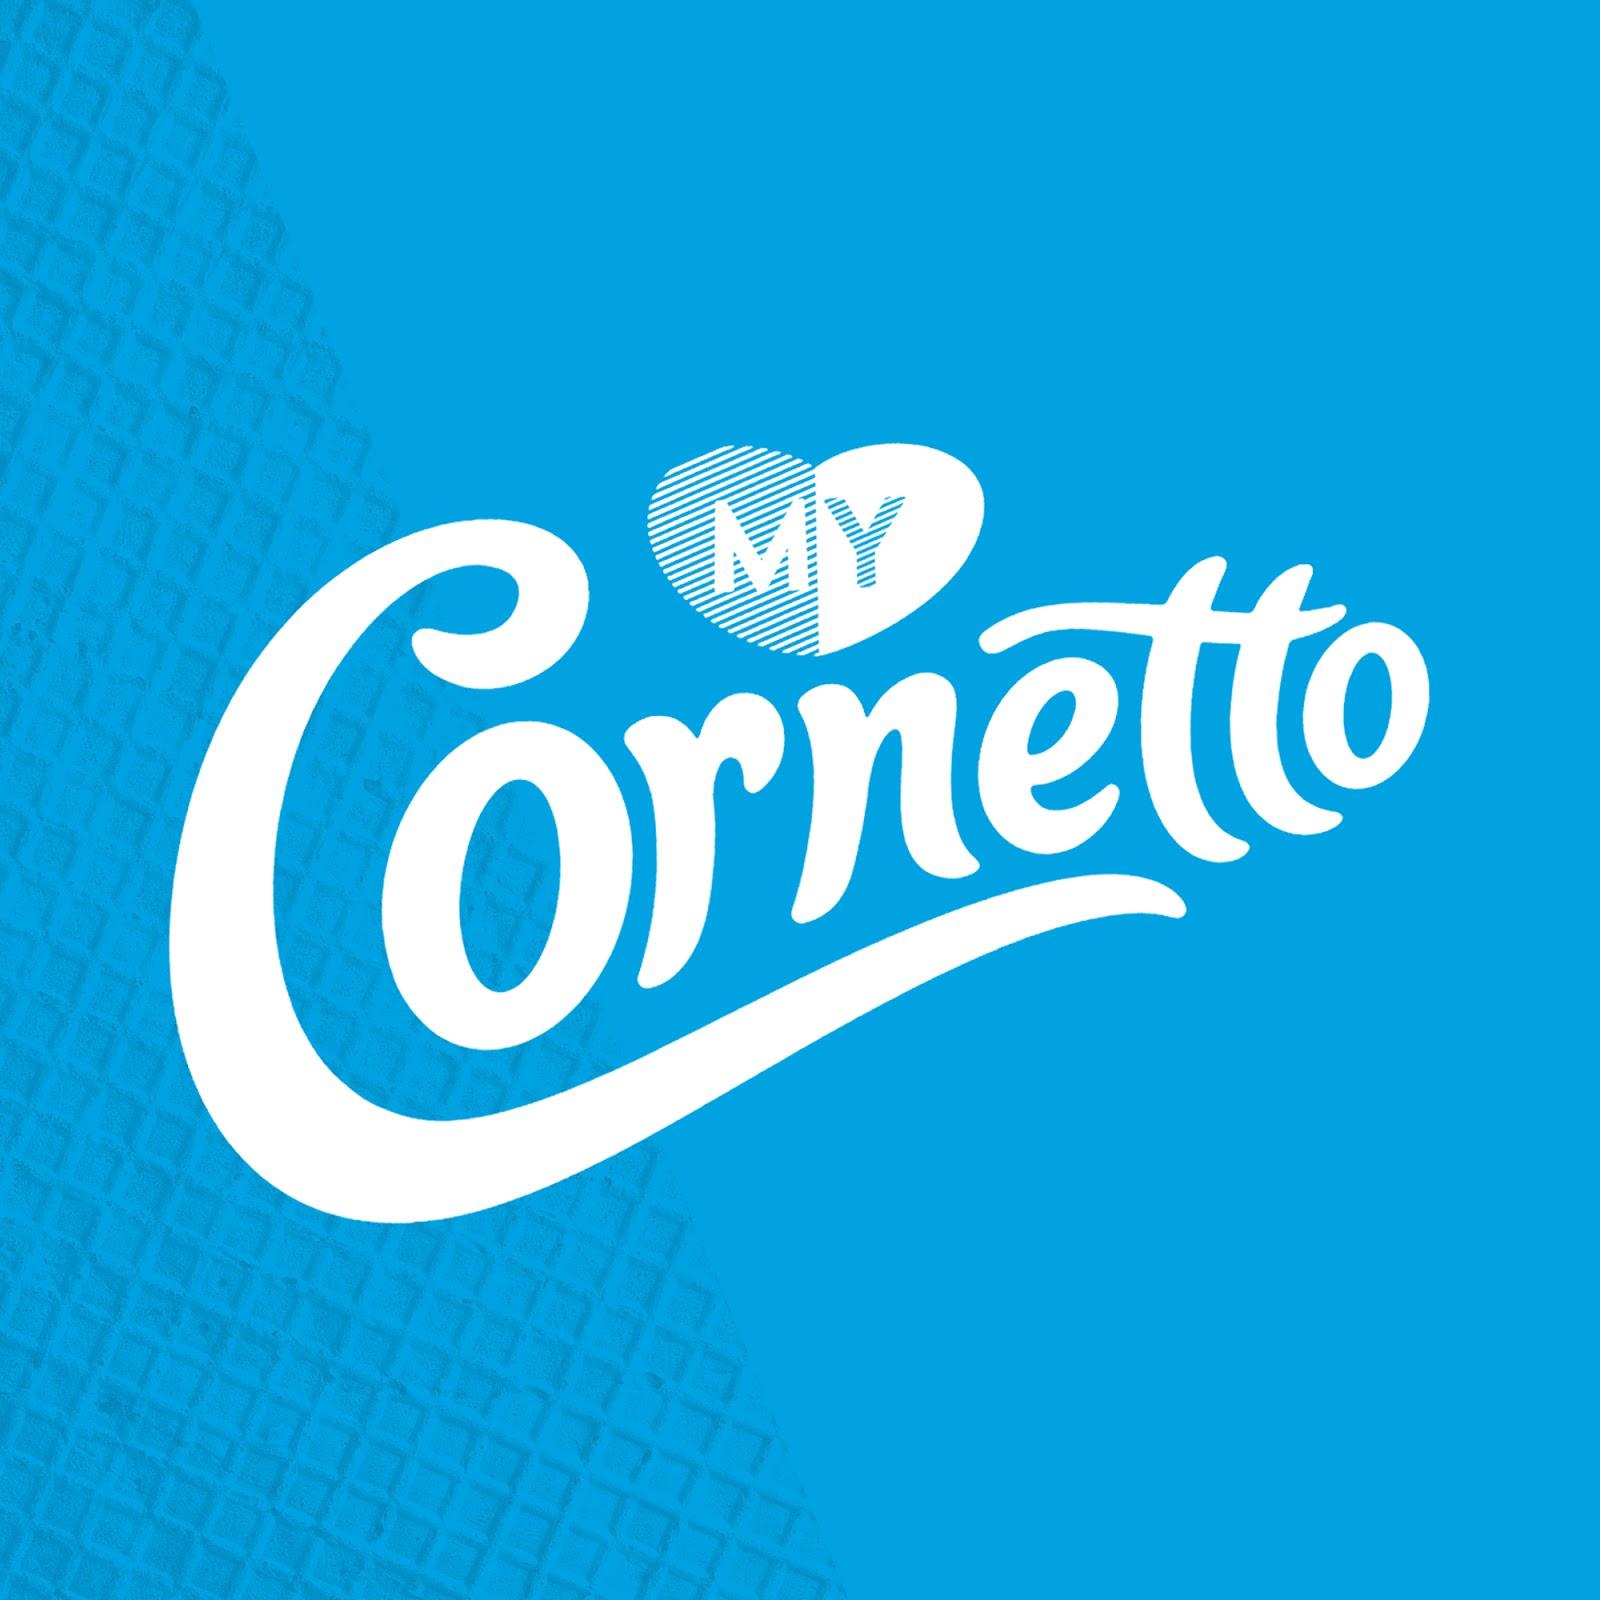 My Cornetto甜筒冰淇淋包装设计